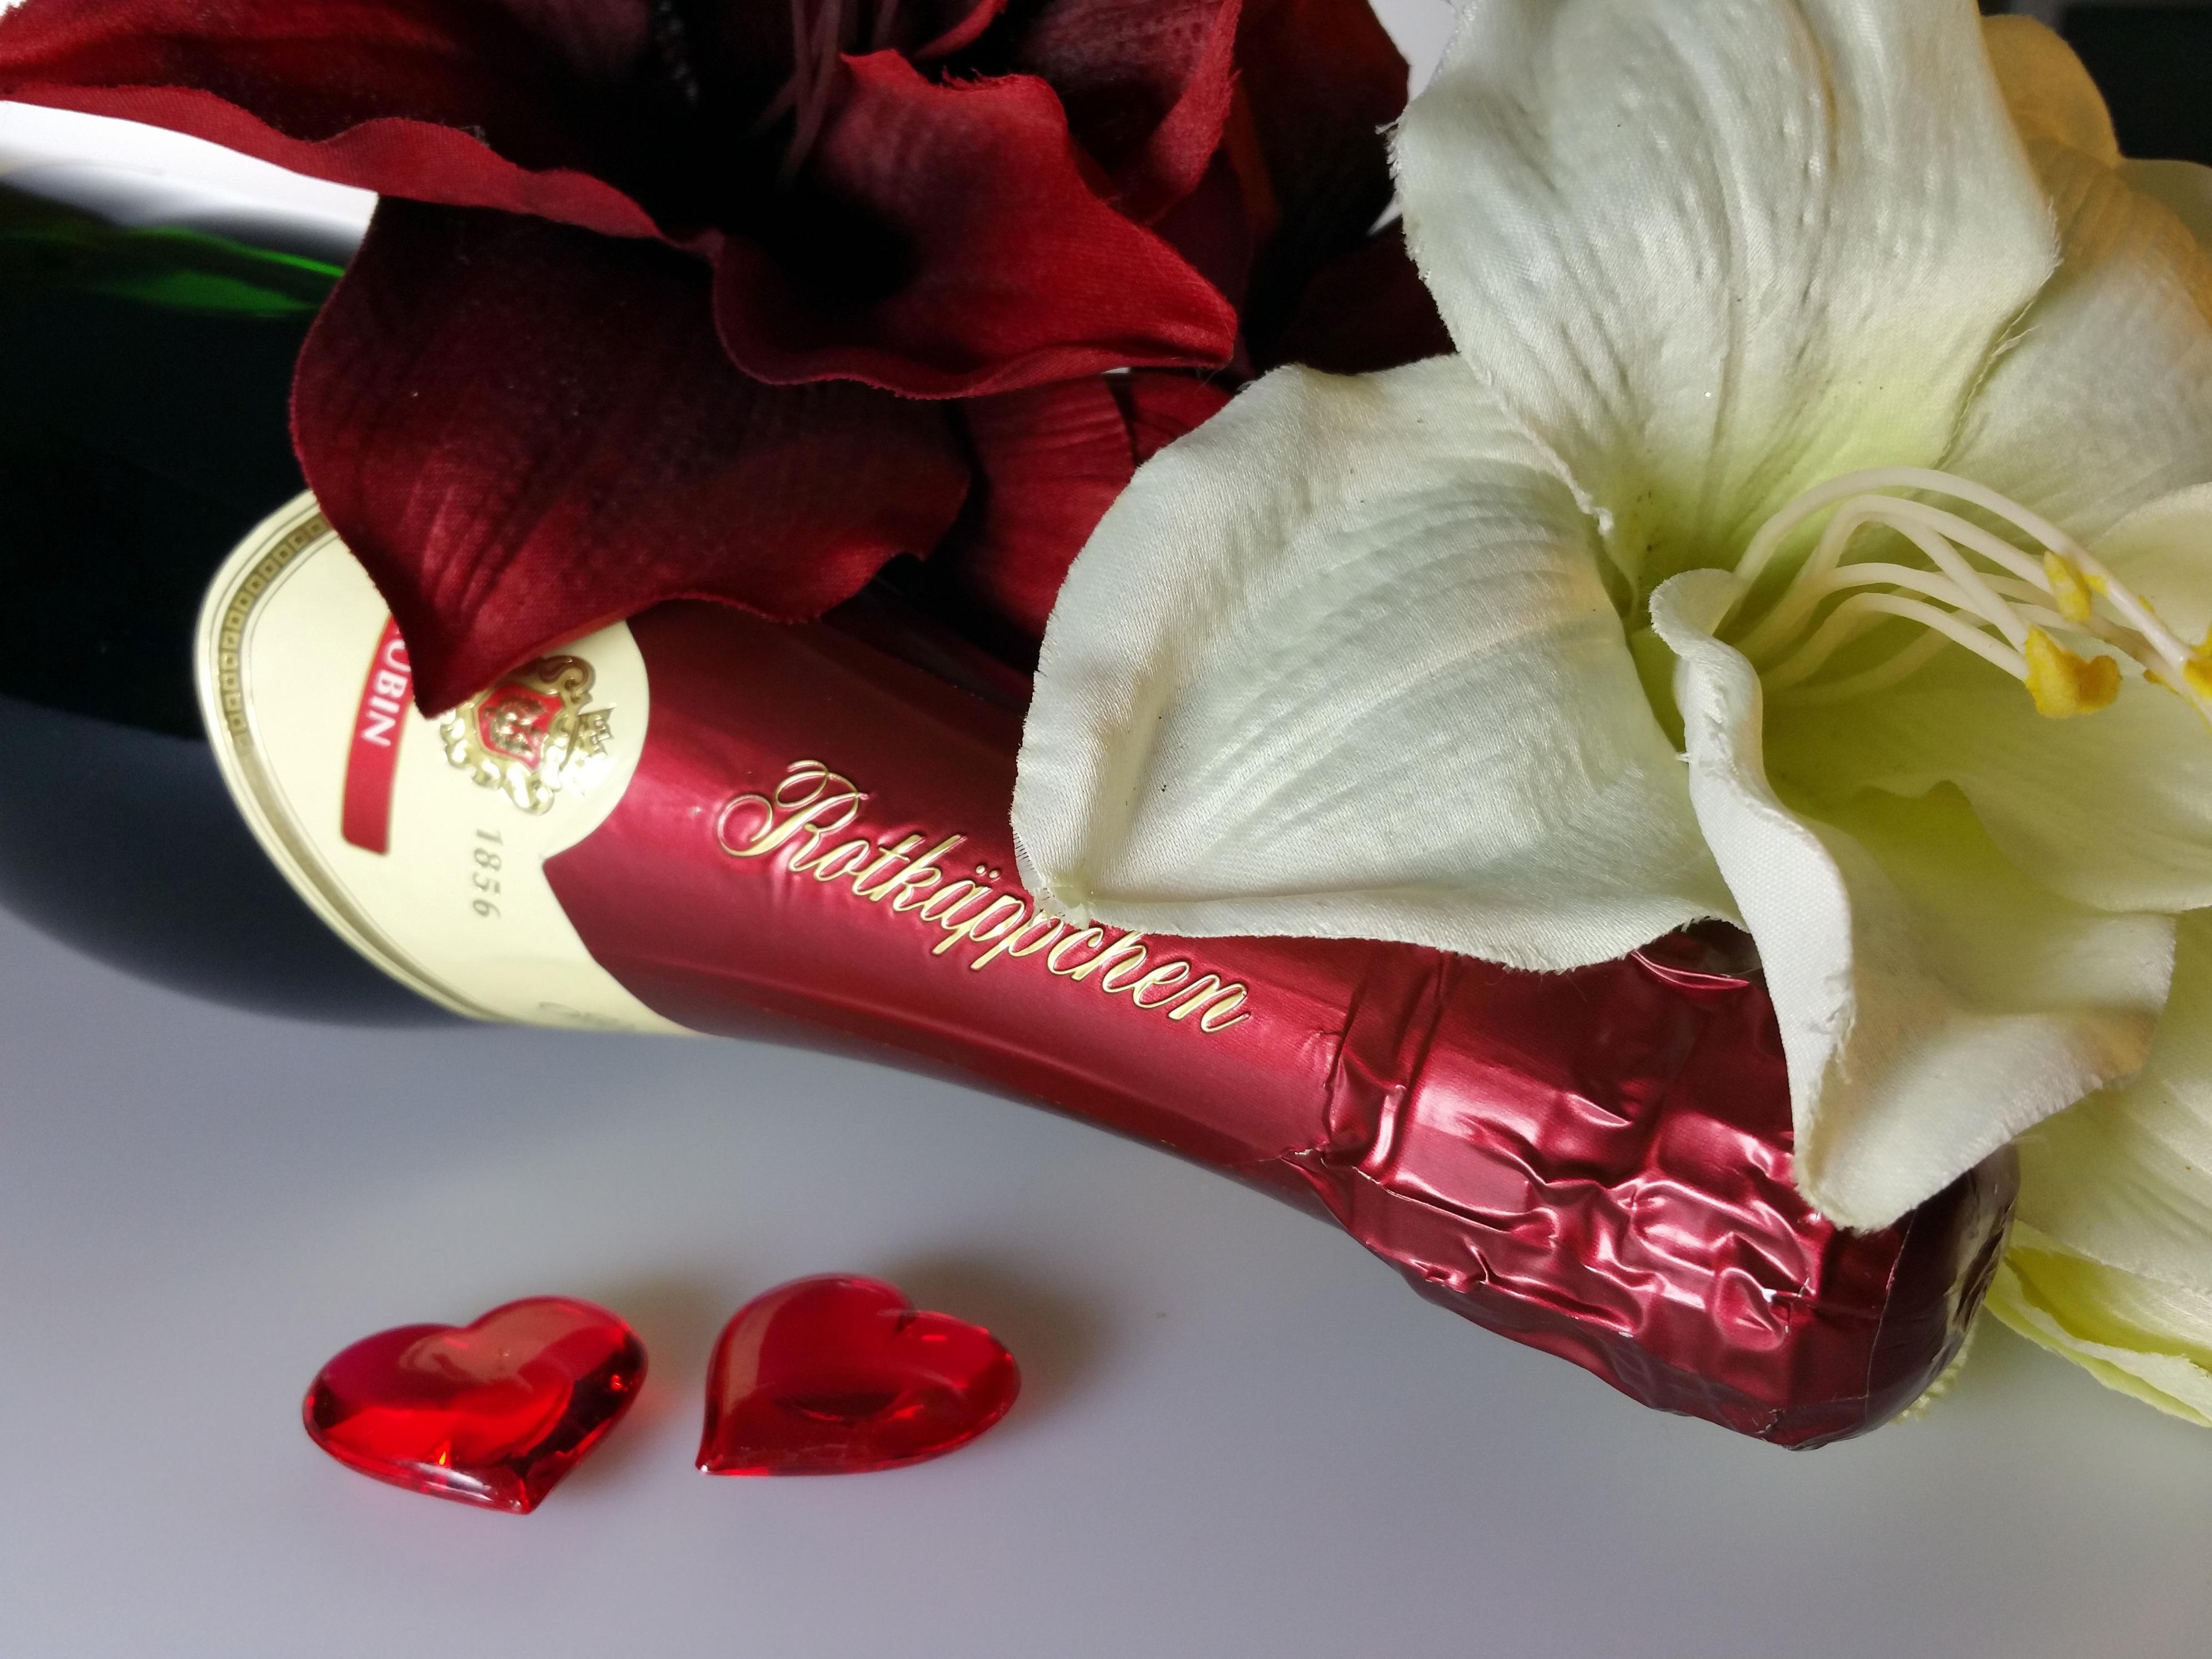 Images Gratuites Fleur Petale Amour Cœur Rouge Romance